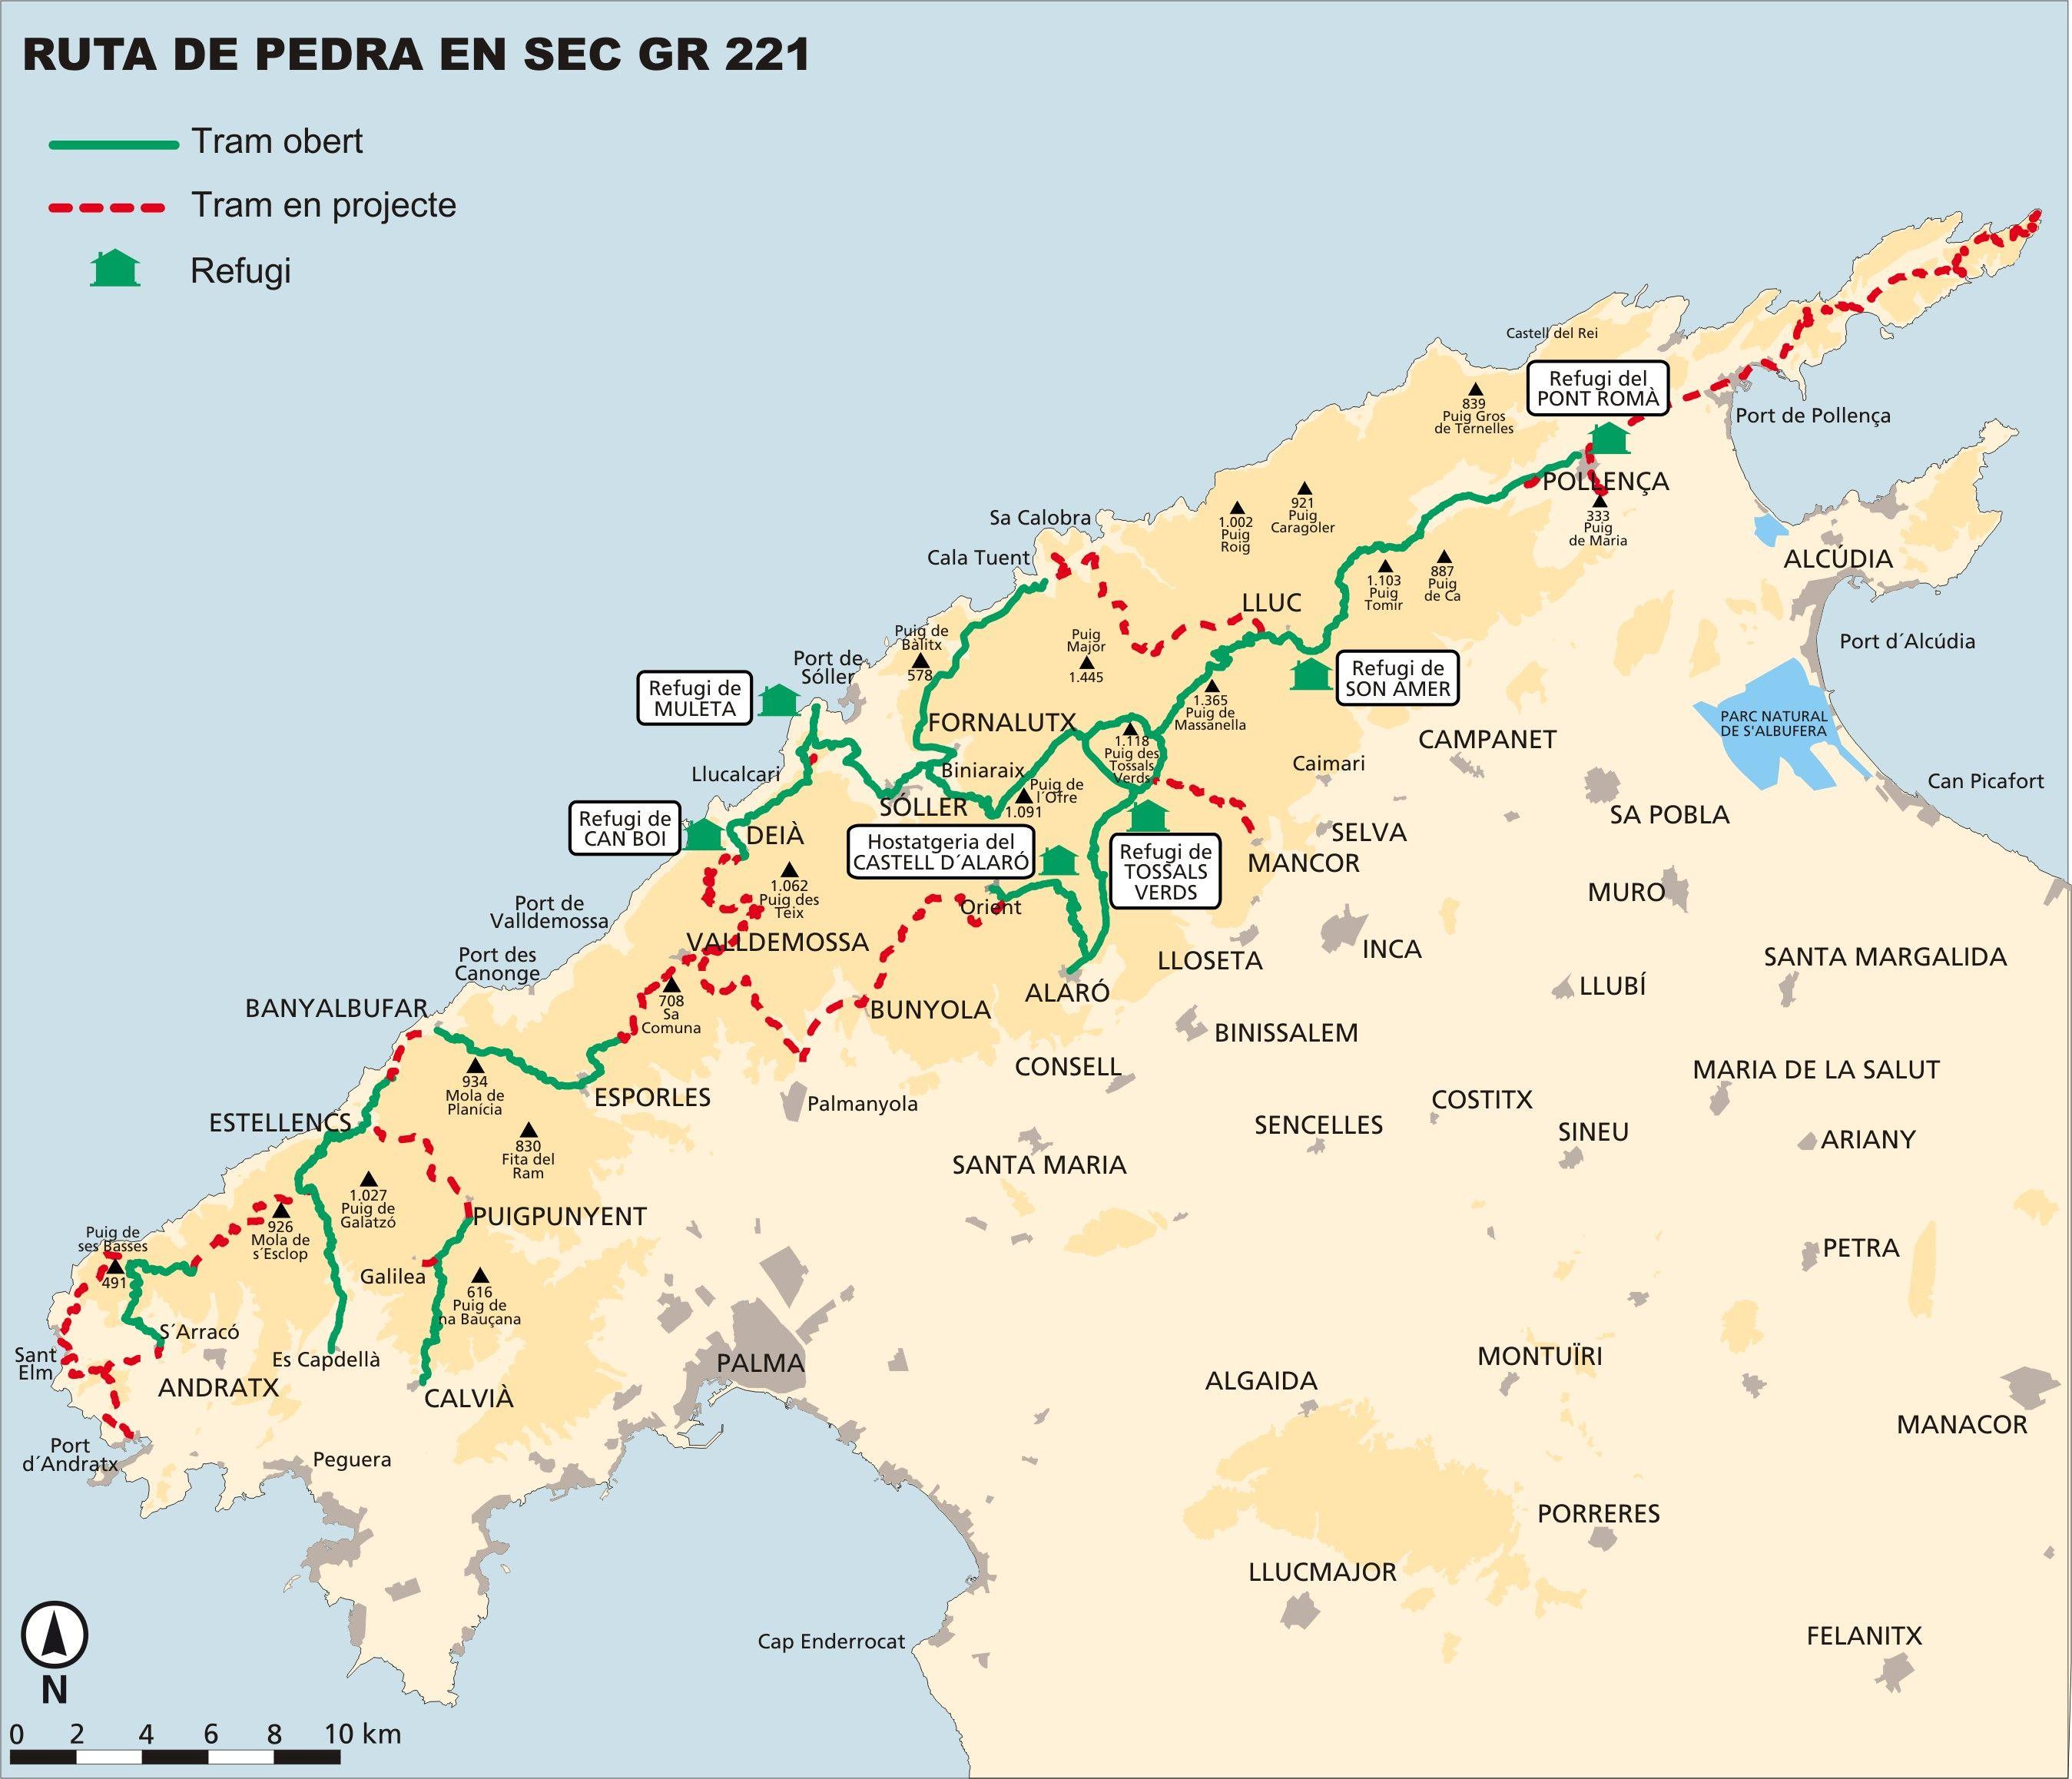 Unwetter Mallorca Karte.Die Etappen Des Gr 221 Der Trockenmauerweg Auf Mallorca